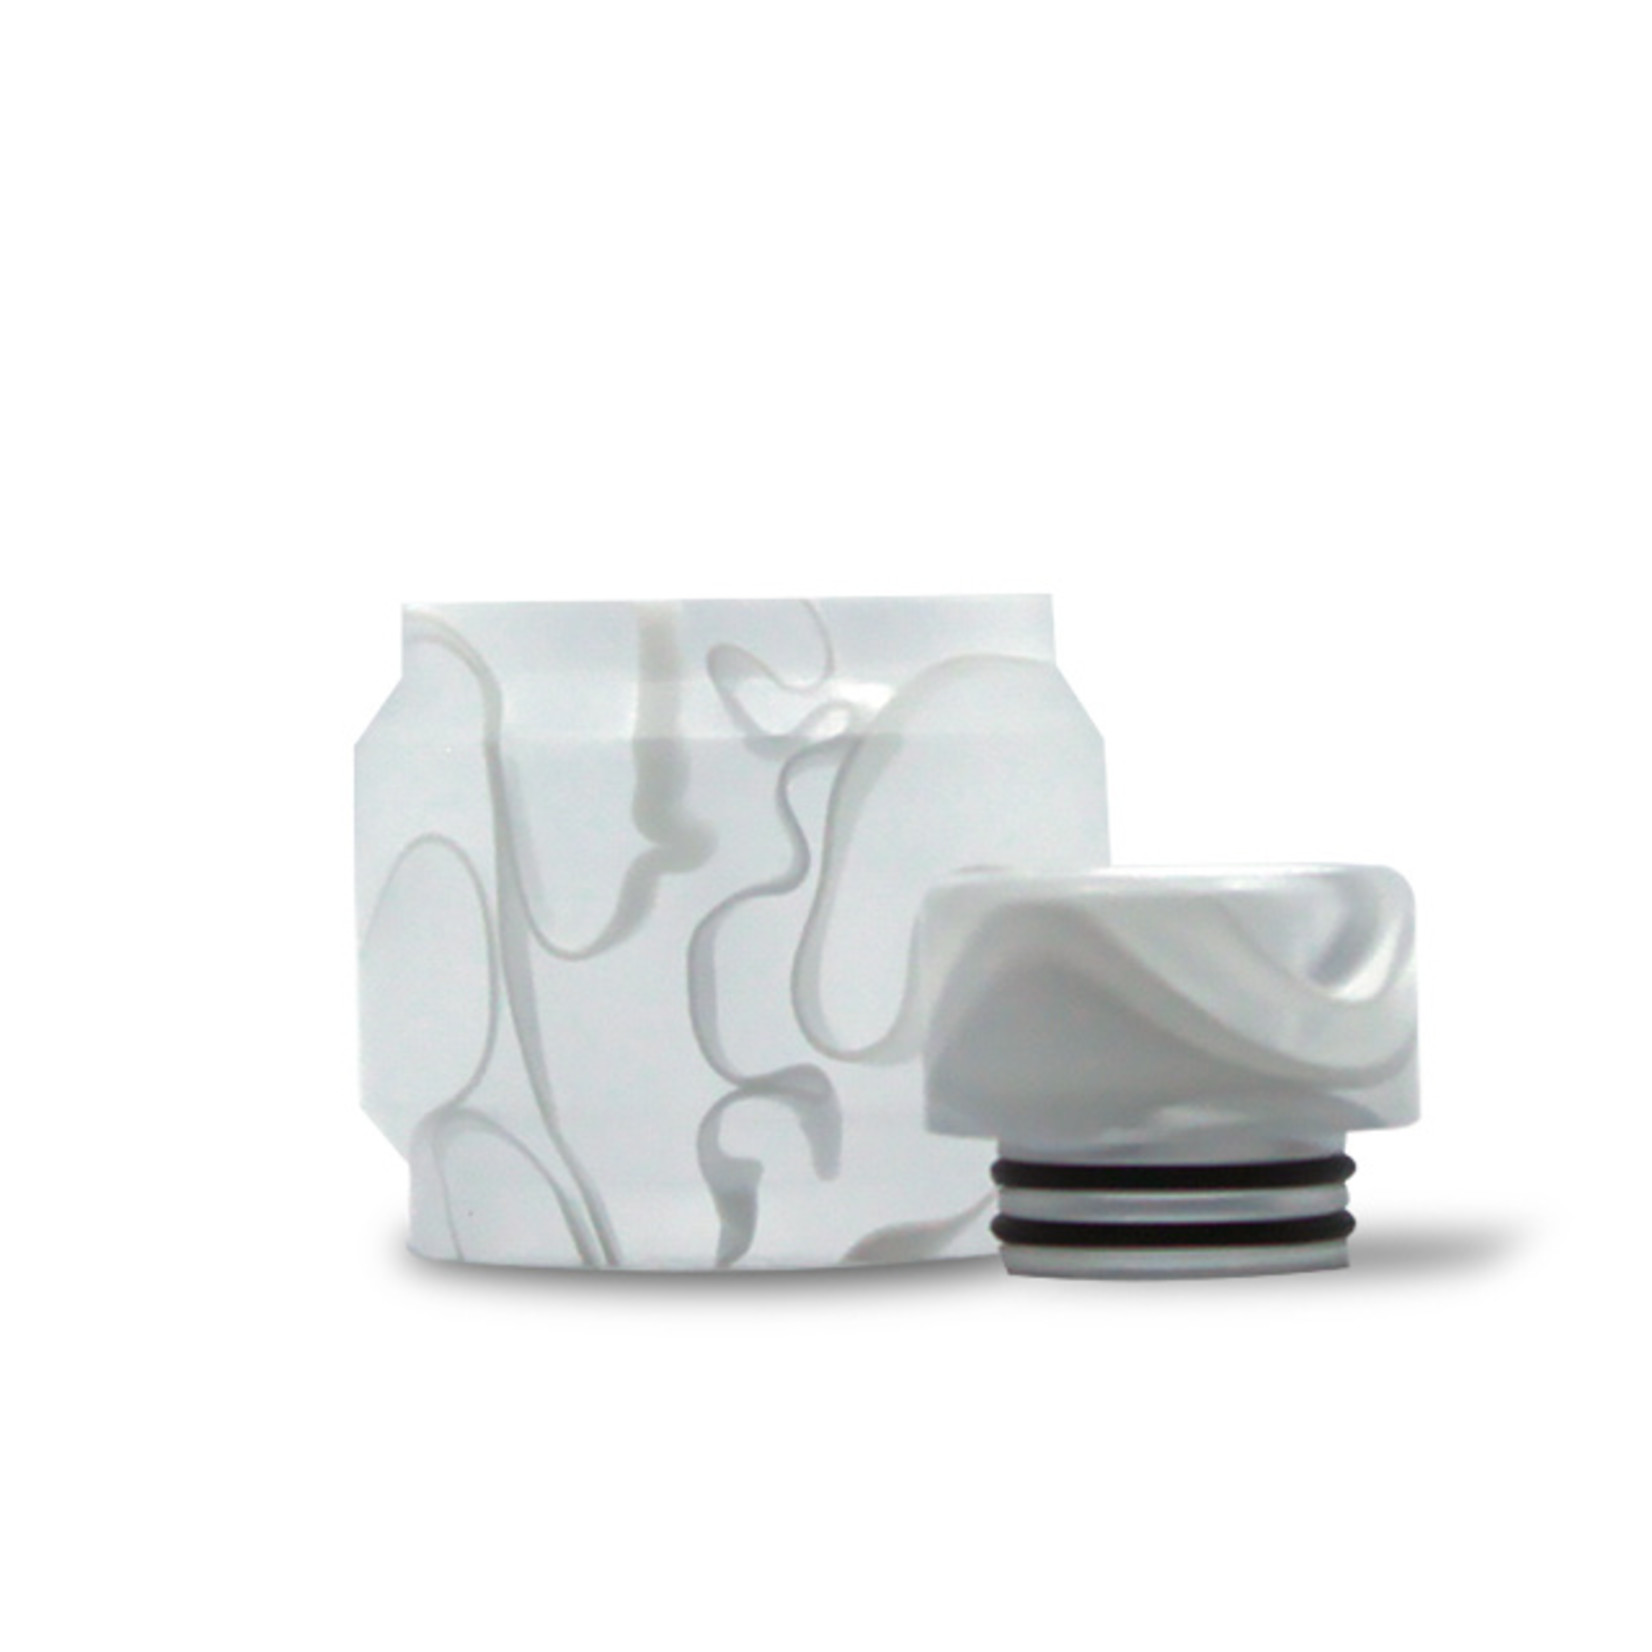 TFV12 Prince Resin Sleeve and Drip Tip Set